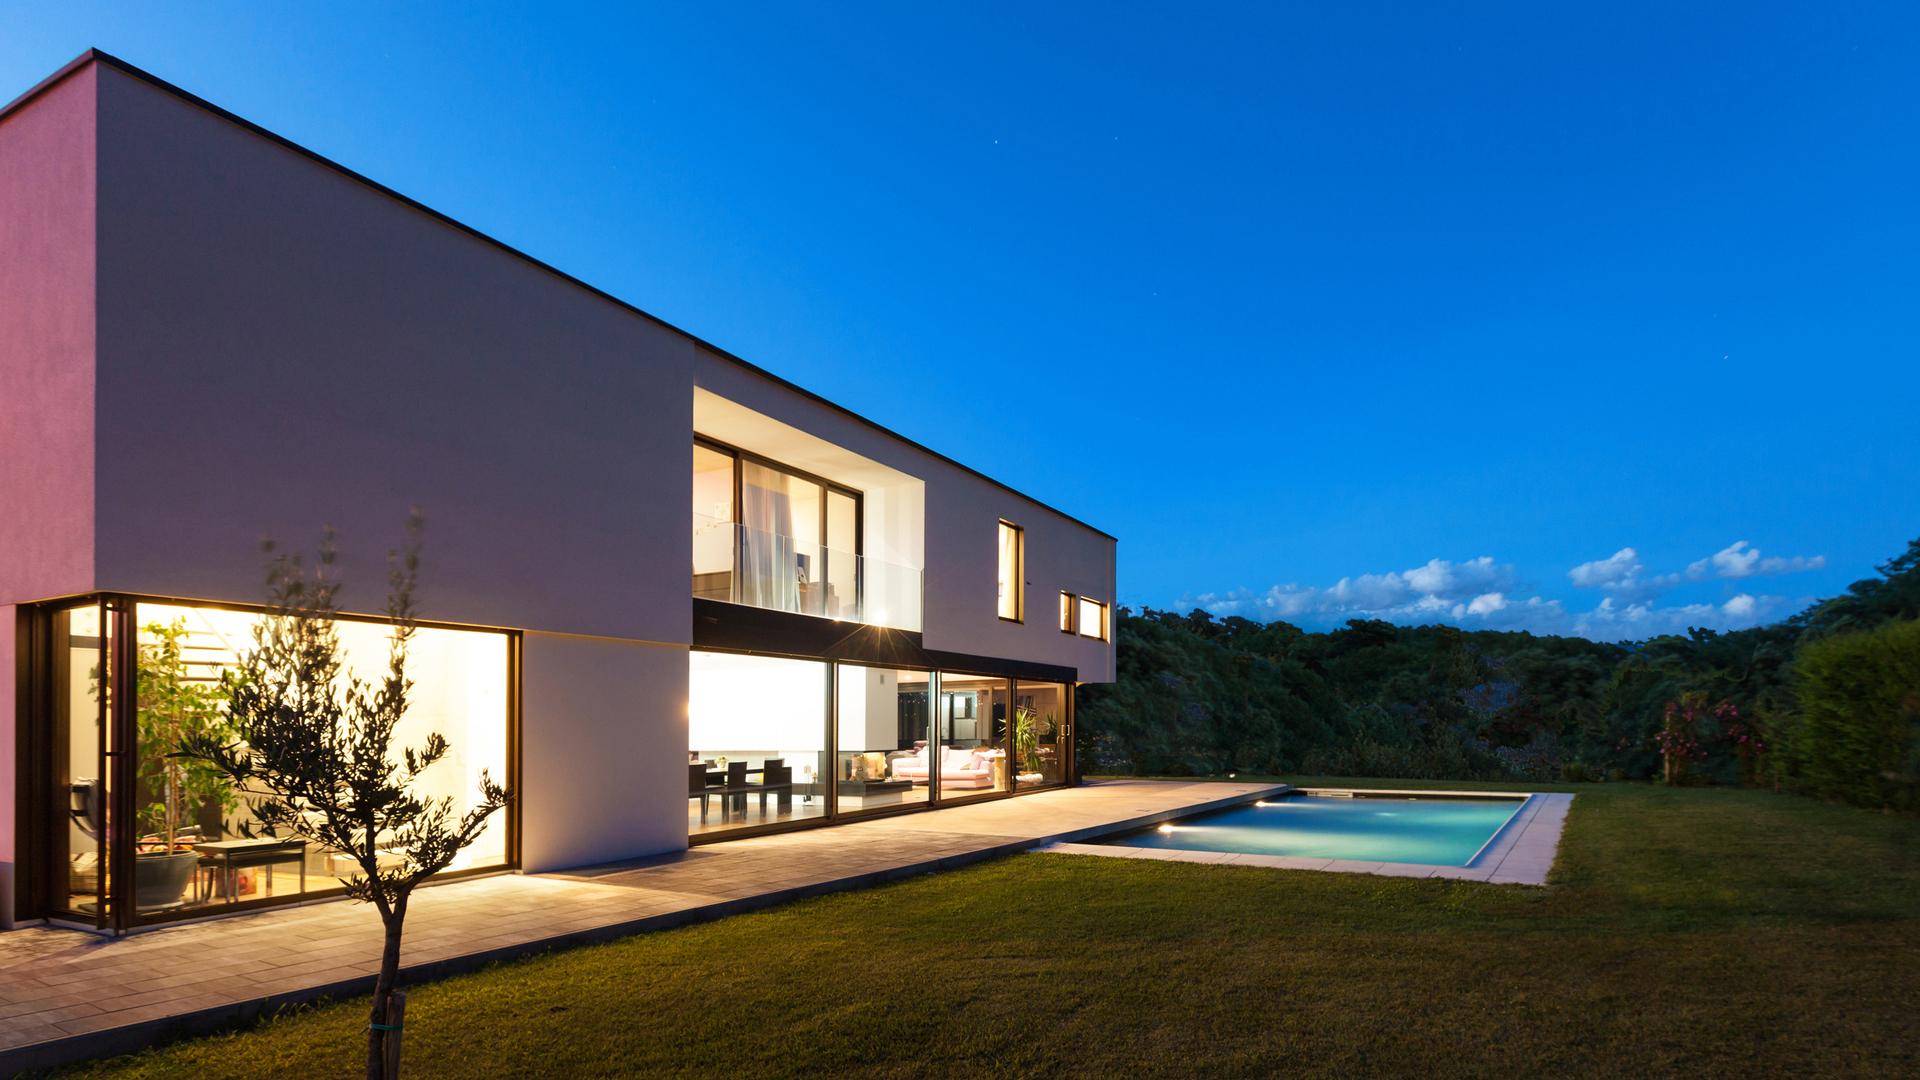 Dwelling entreprise de construction en bois h ron pr s for Entreprise de construction maison en bois